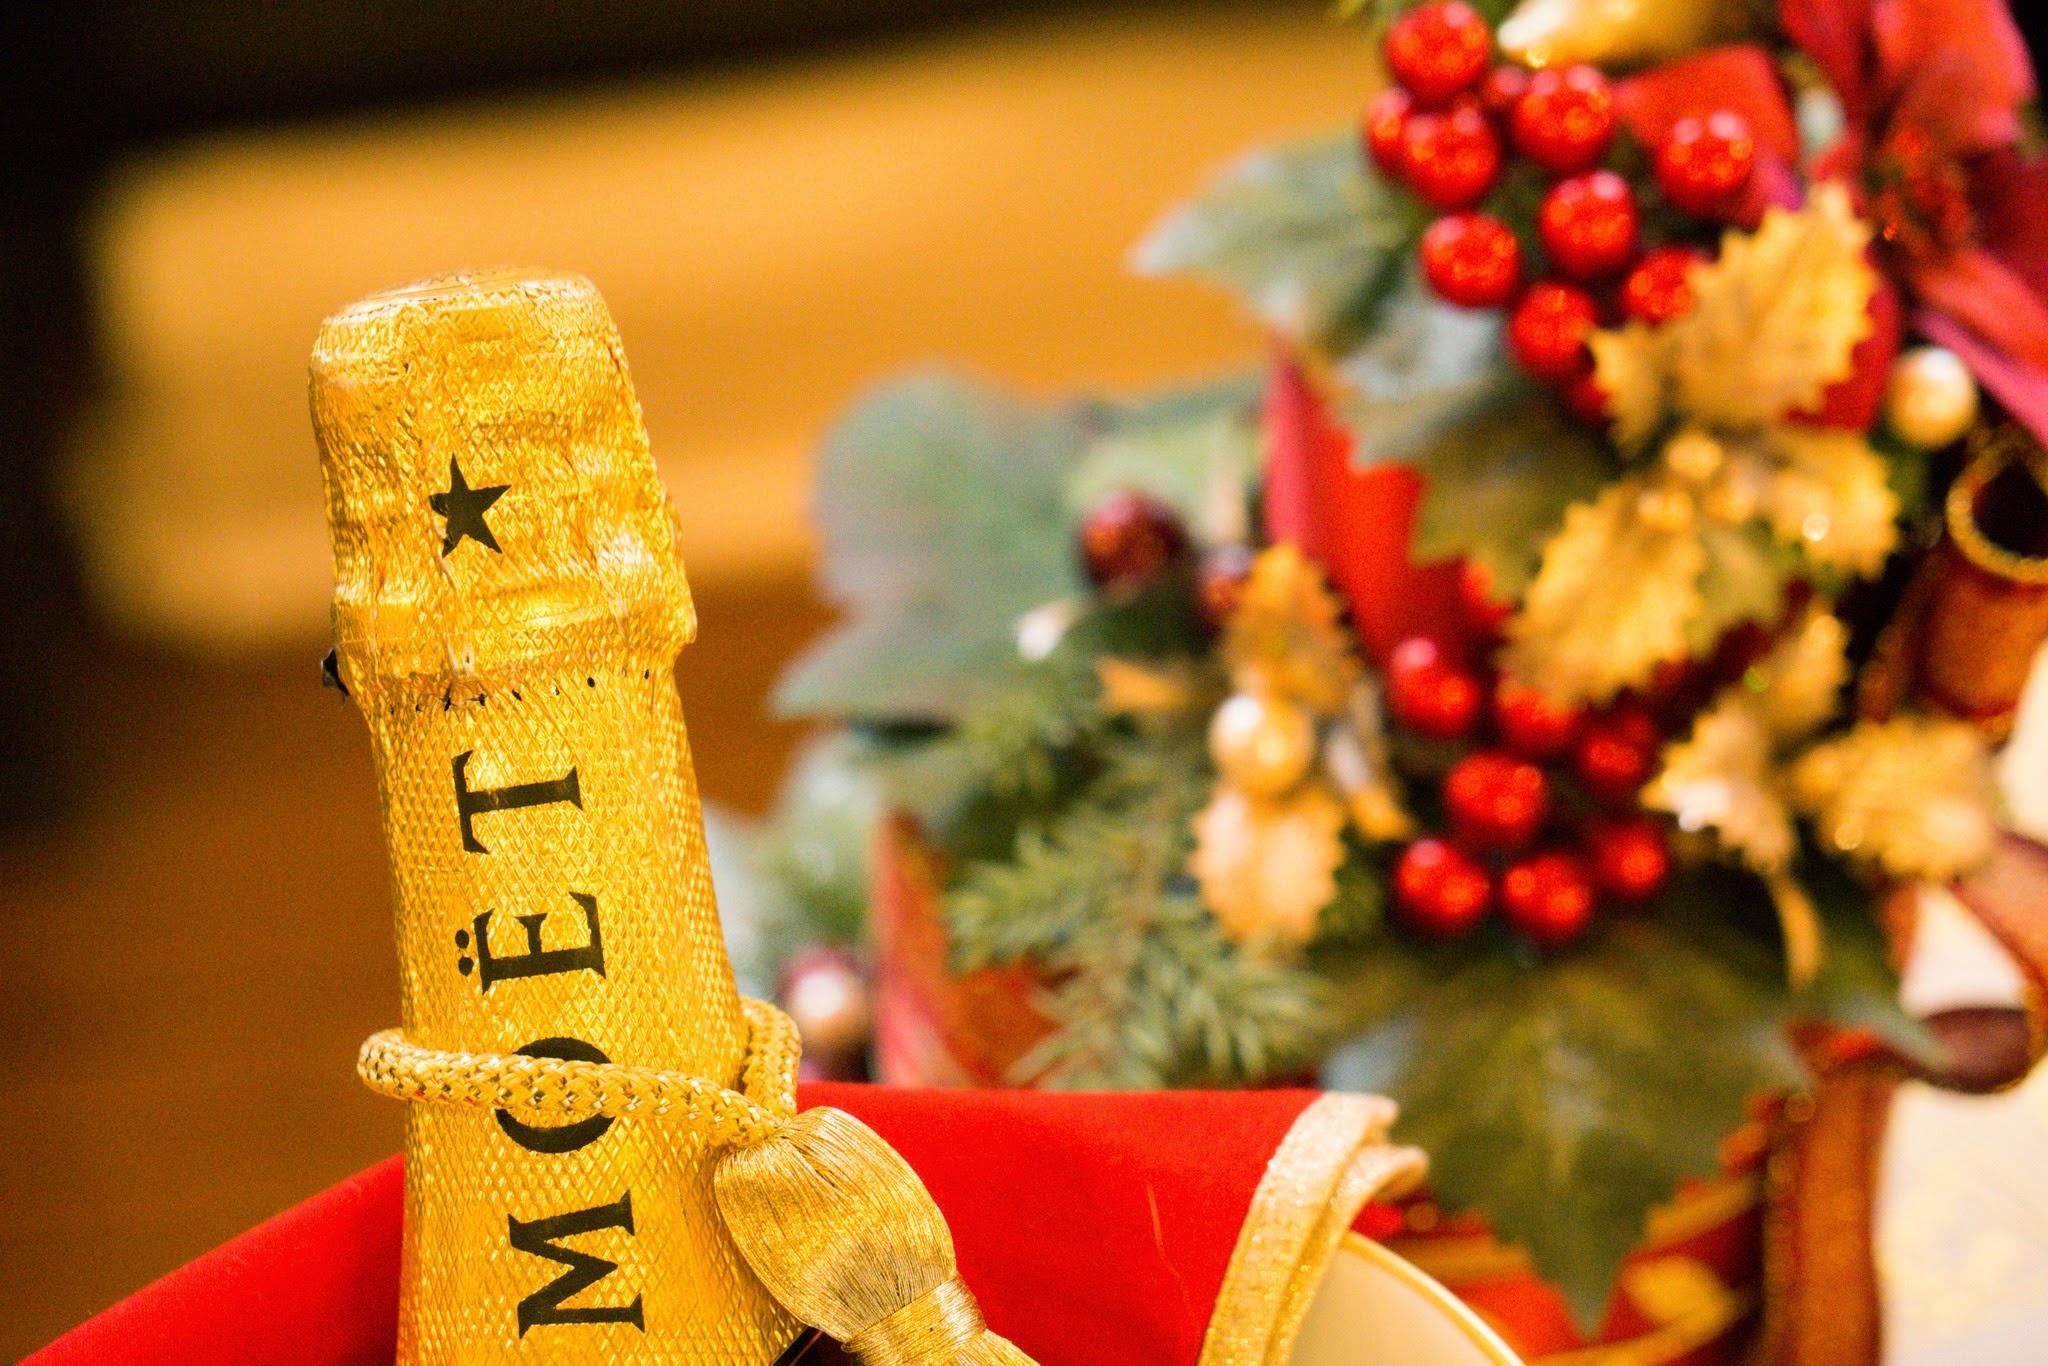 横浜山手西洋館 世界のクリスマス アイキャッチ画像2